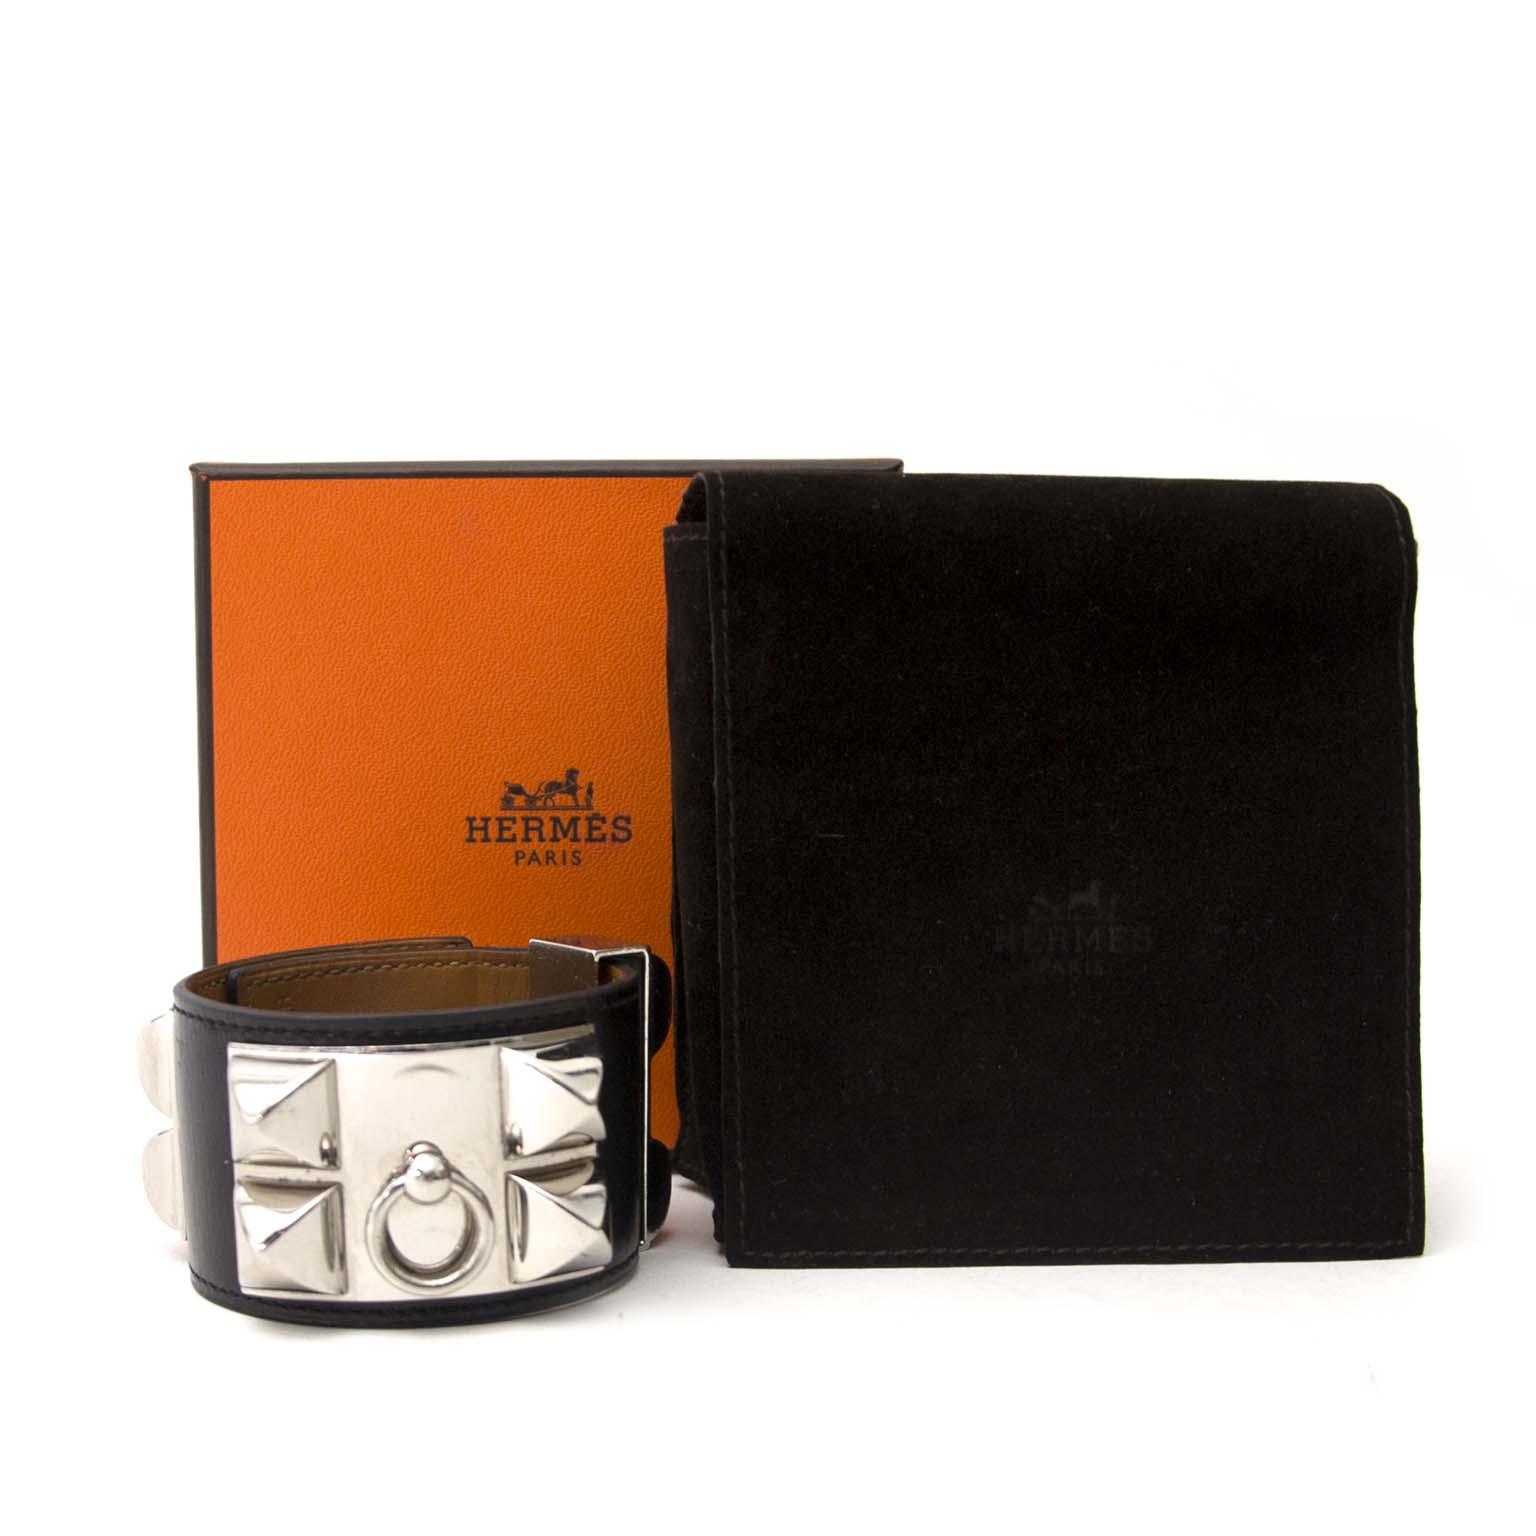 acheter en ligne seconde main Hermès Collier de Chien Bracelet Black Boxcalf PHW